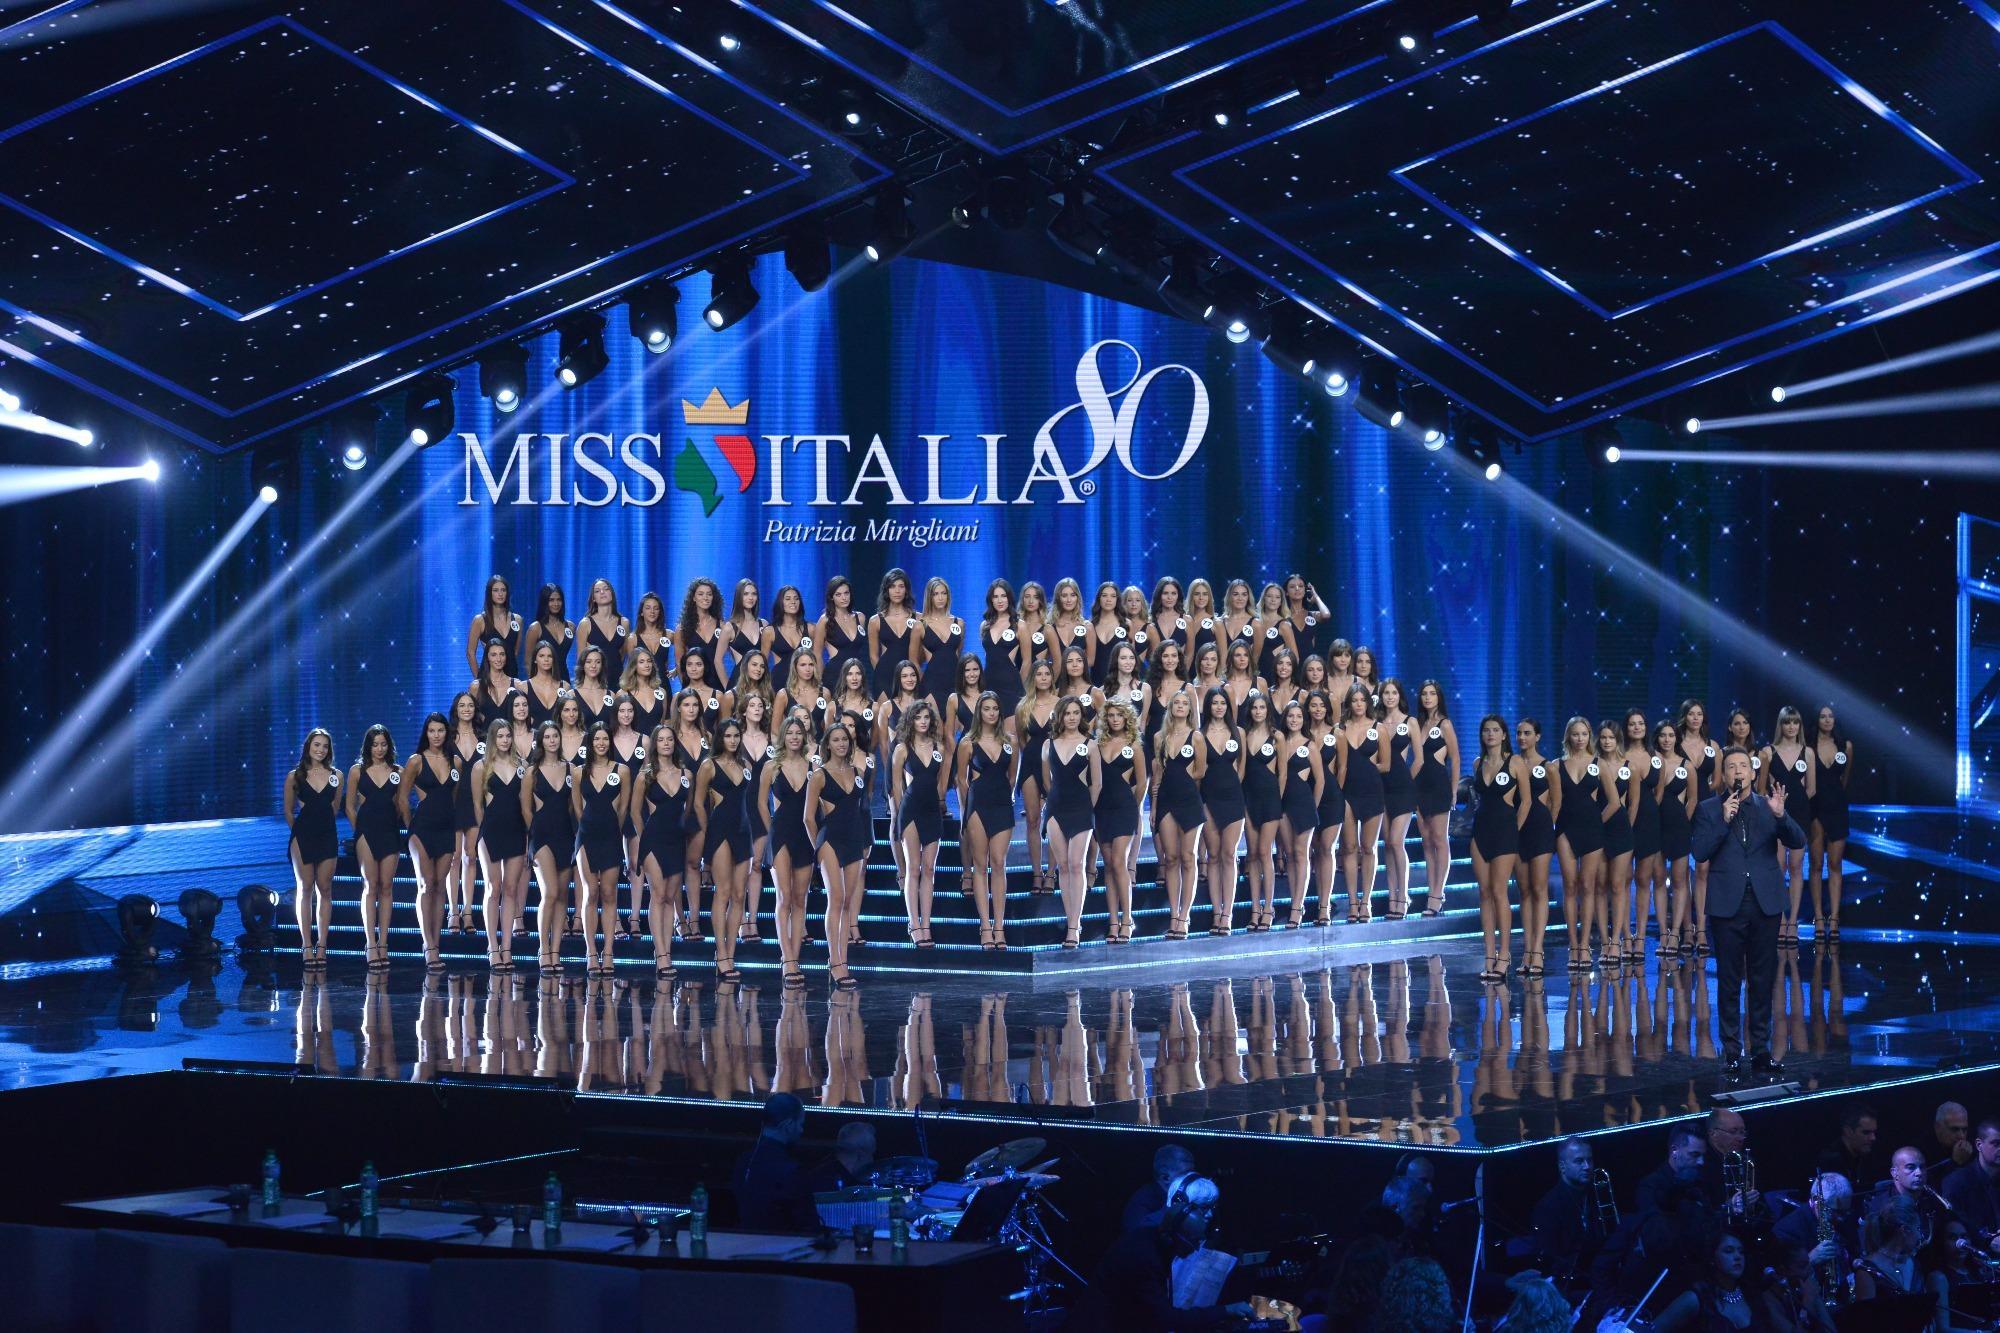 Miss Italia 80, le immagini della finale